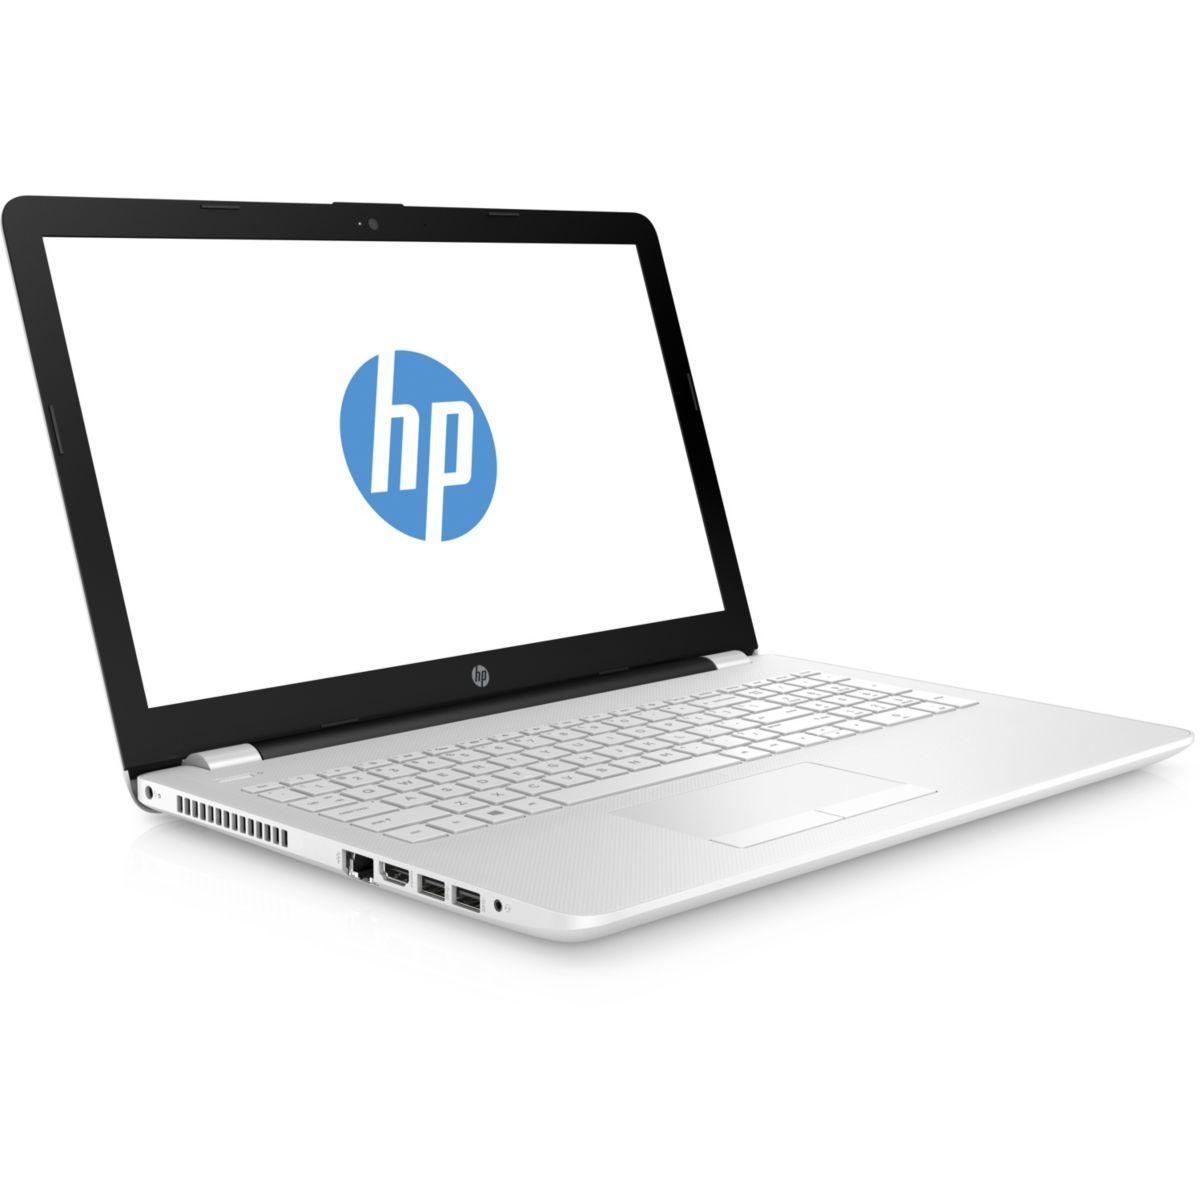 HP 15-bw026nf 15,6-inch () - A9-9420 - 4GB - HDD 1 TB AZERTY - Francês